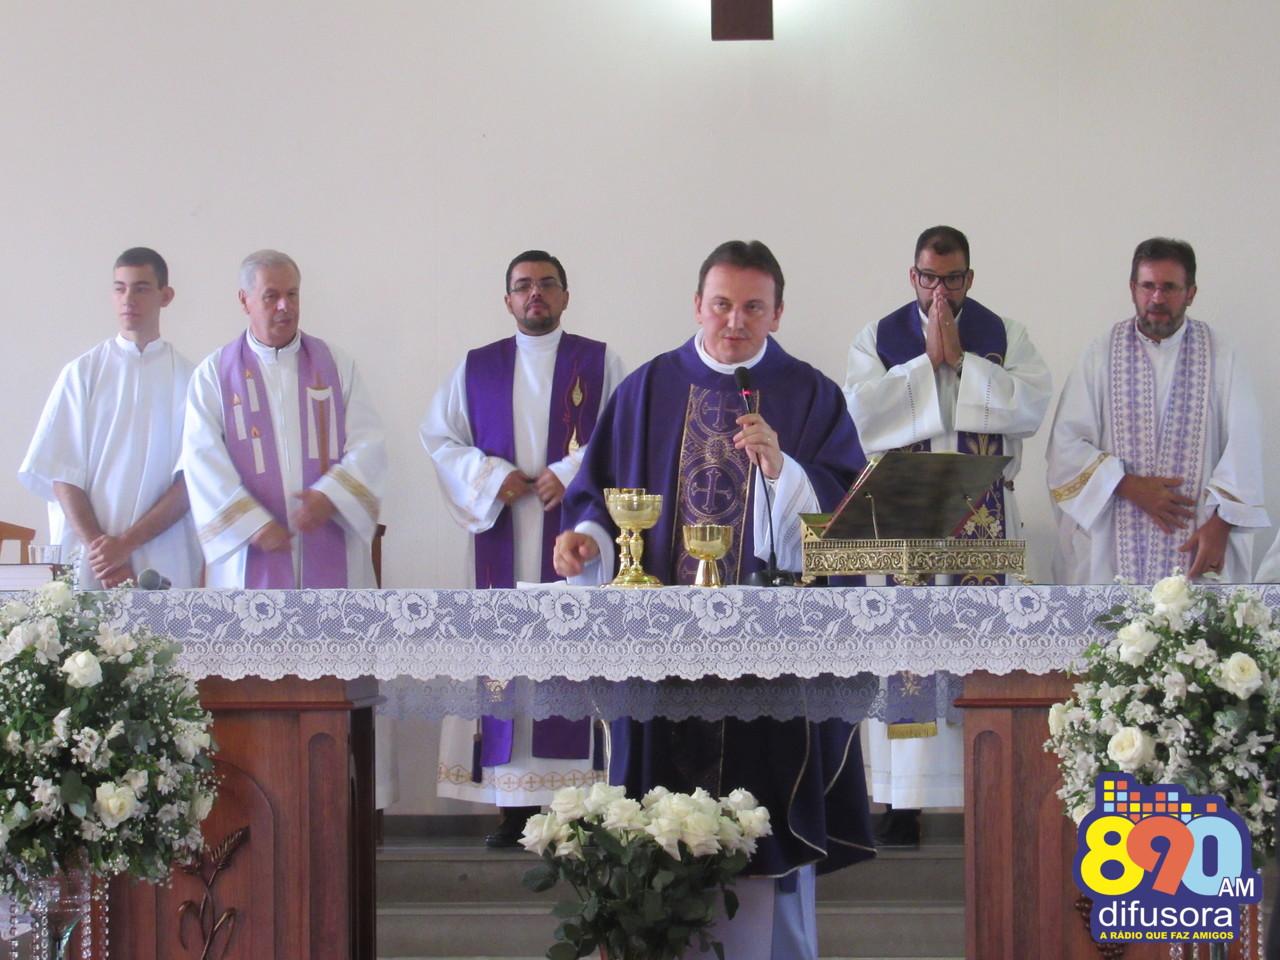 Padre Ezequiel Dal Pozzo comemora dez anos de sacerdócio